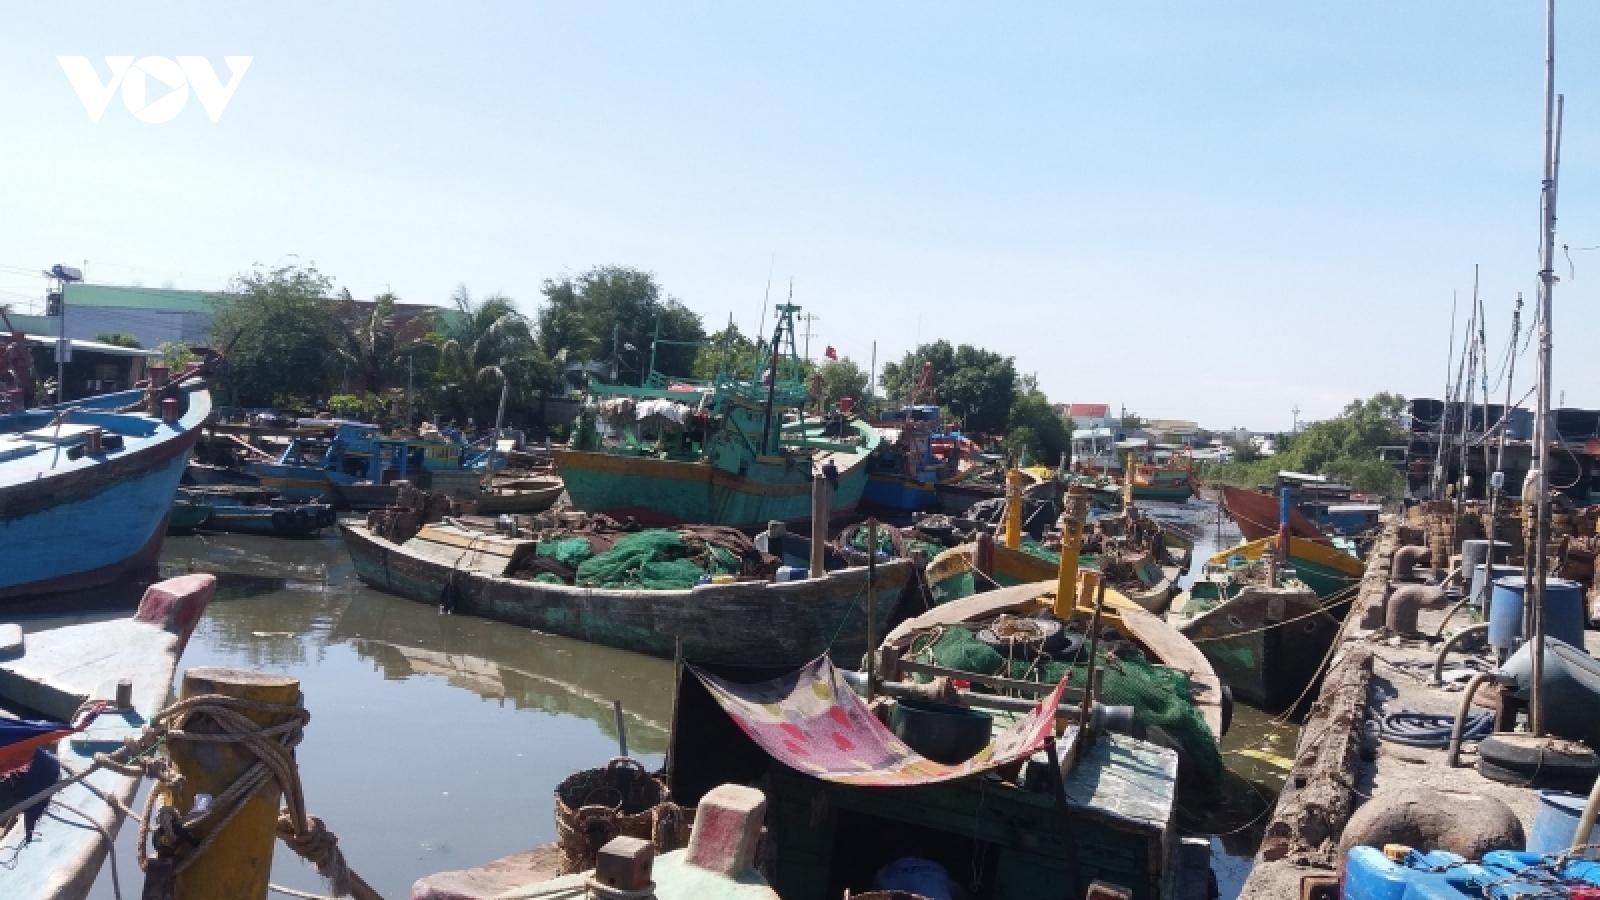 Tiêu thụ hải sản gặp khó, hơn nửa số tàu cá Tiền Giang nằm bờ